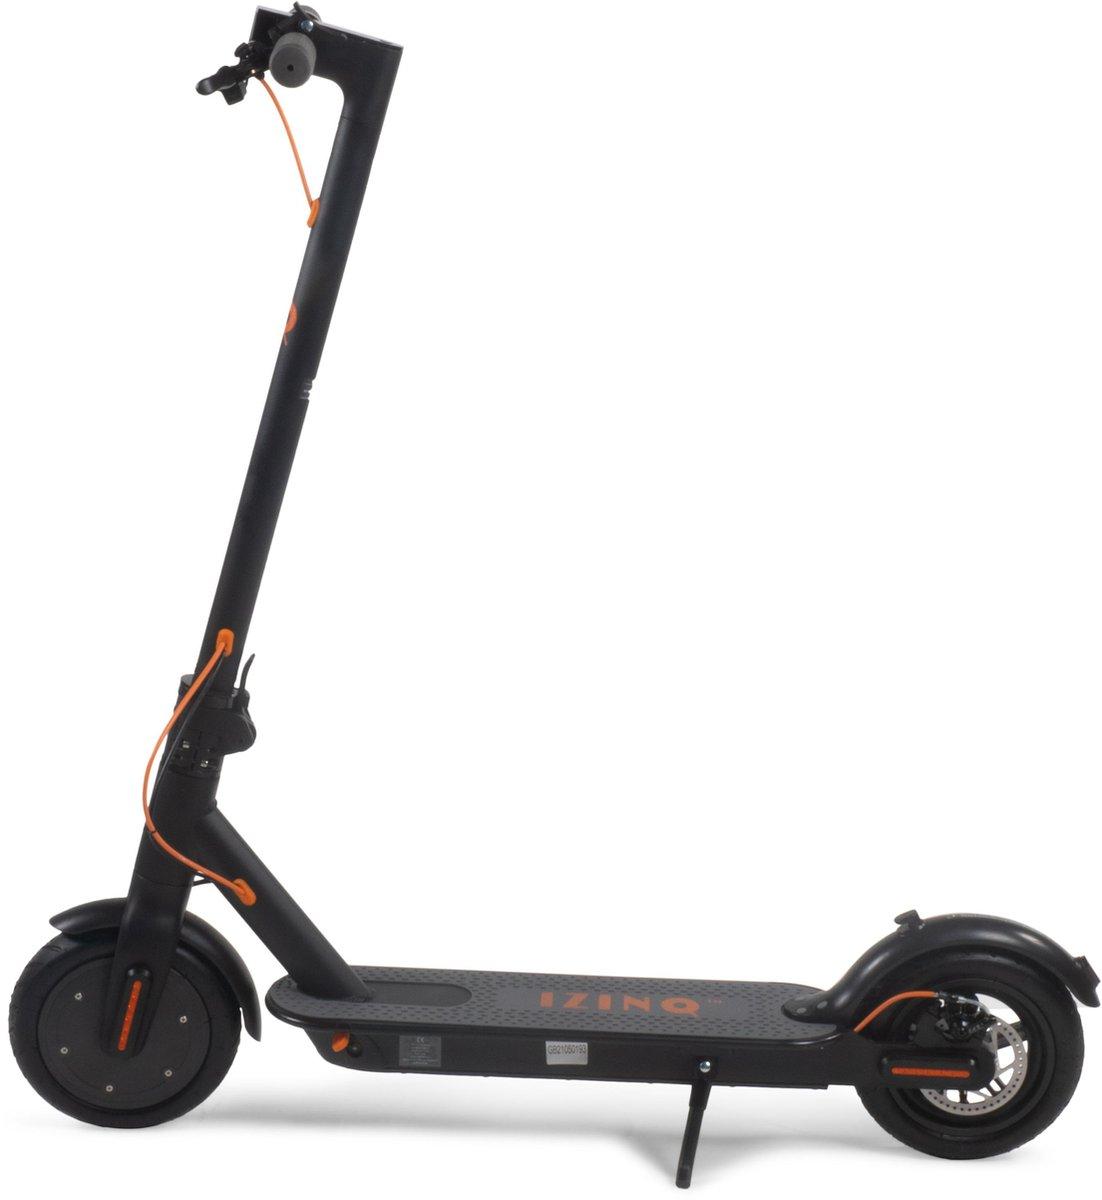 """IZINQ PRO250 - Elektrische step - 8.5"""" (lucht)banden - 2 jaar garantie op lithium 7.8Ah 36V accu - iOS/Android app - Zwart/Oranje - 25km/u - Electric scooter - Volwassenen en kinderen"""